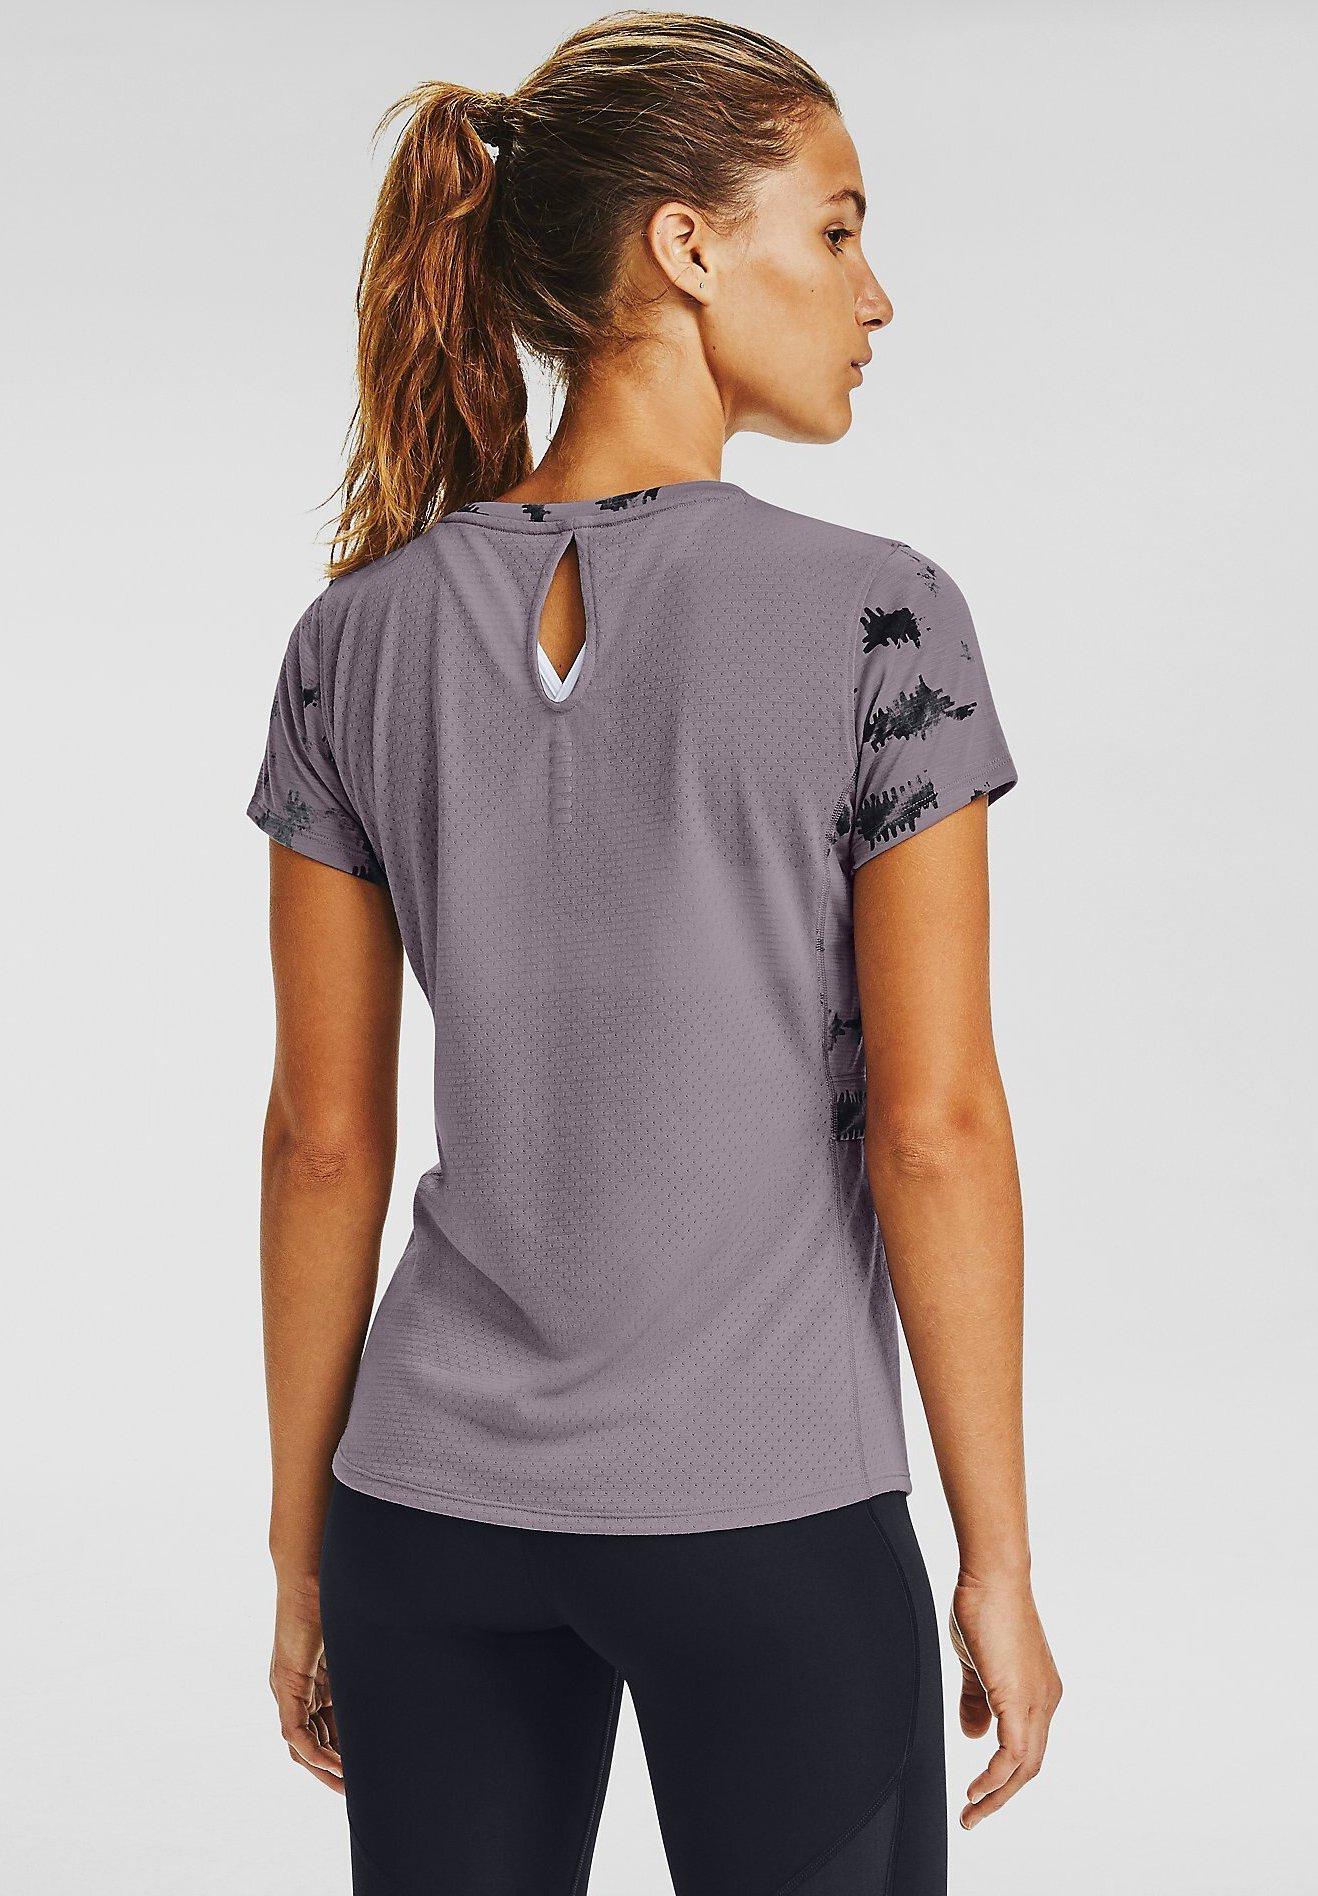 Under Armour Print T-shirt - slate purple vxpan